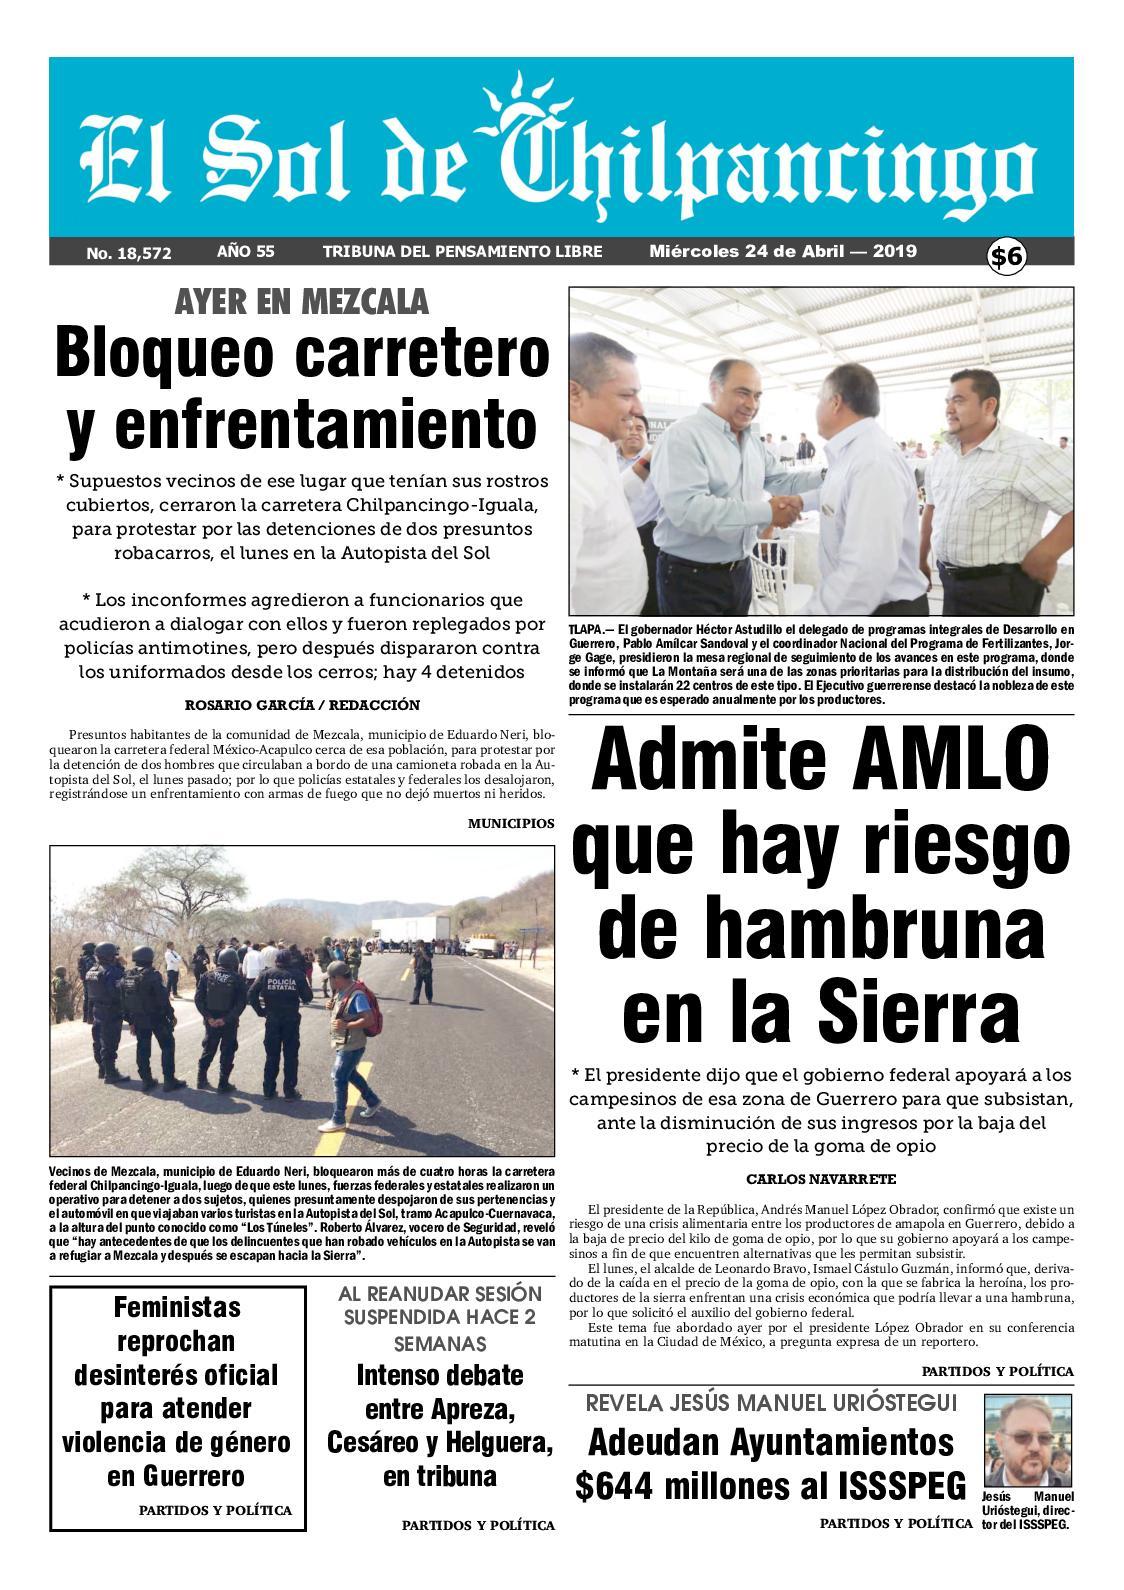 SEXO POR DINERO, CHILPANCINGO DE LOS BRAVO